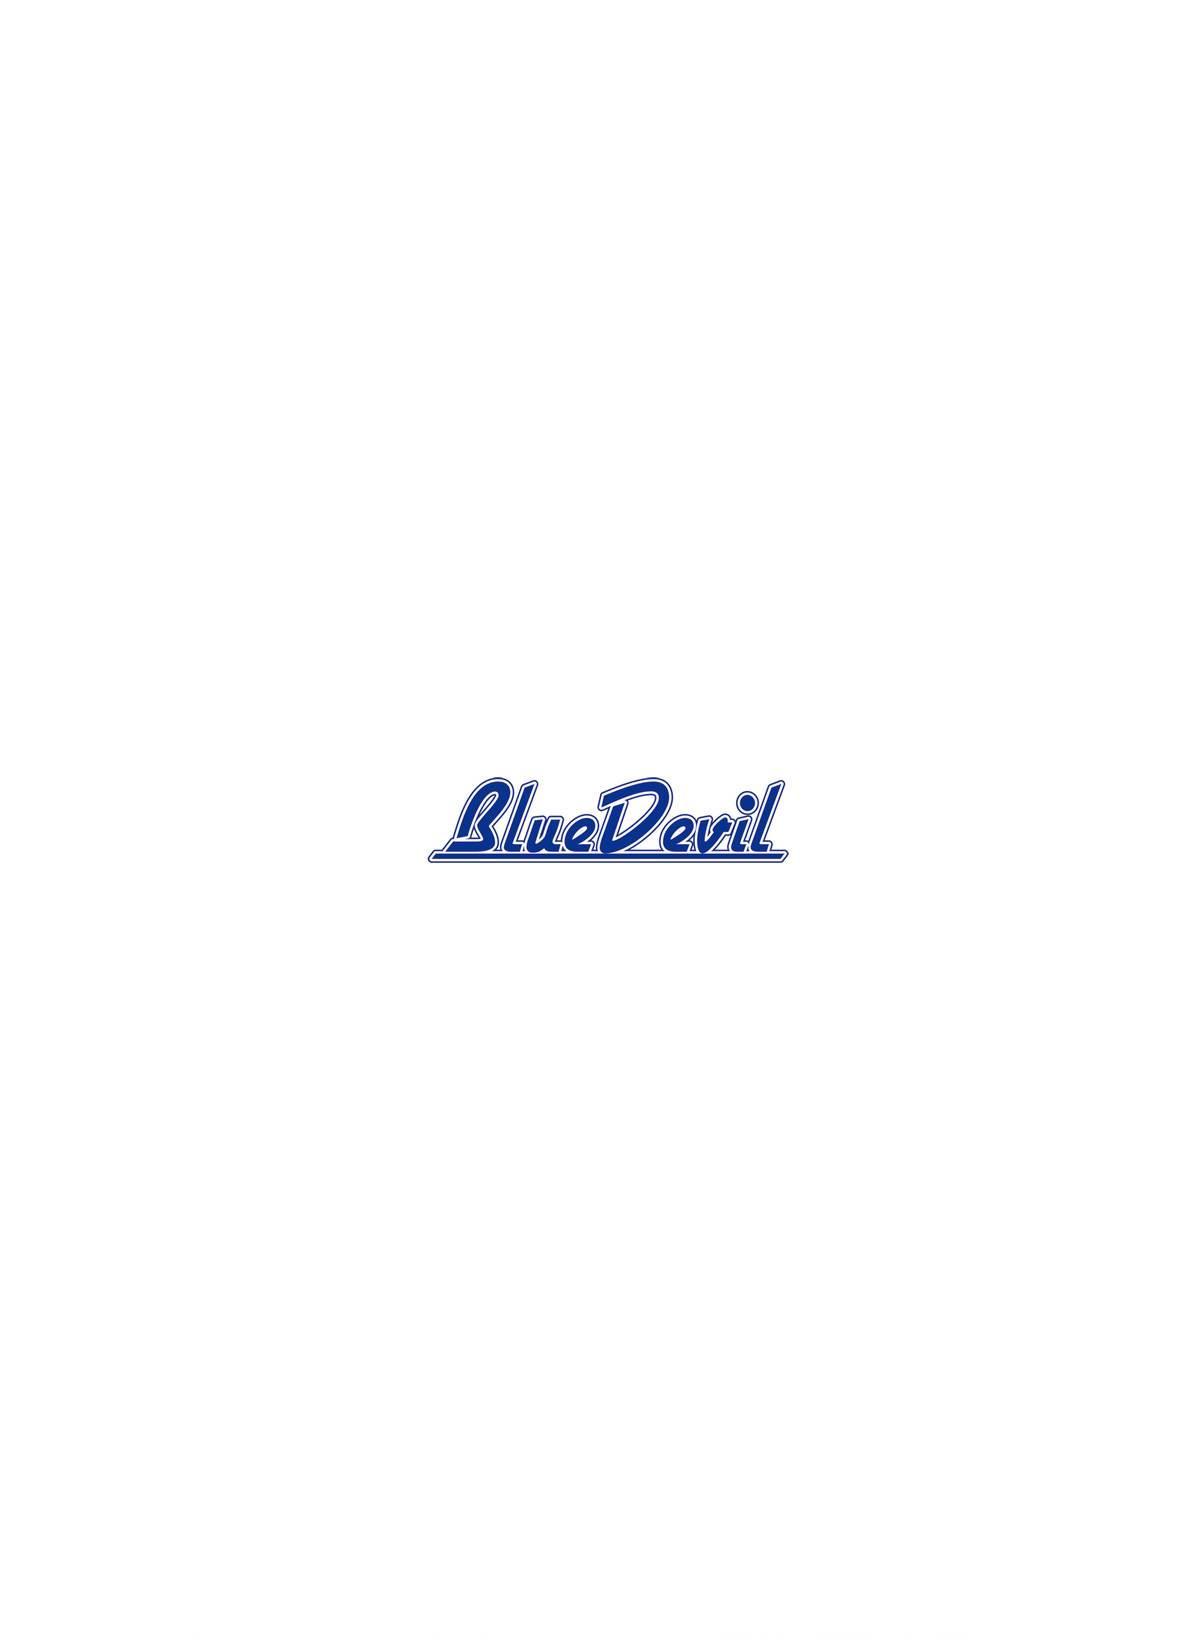 BlueDevil × NAZ Game Illustrations 34